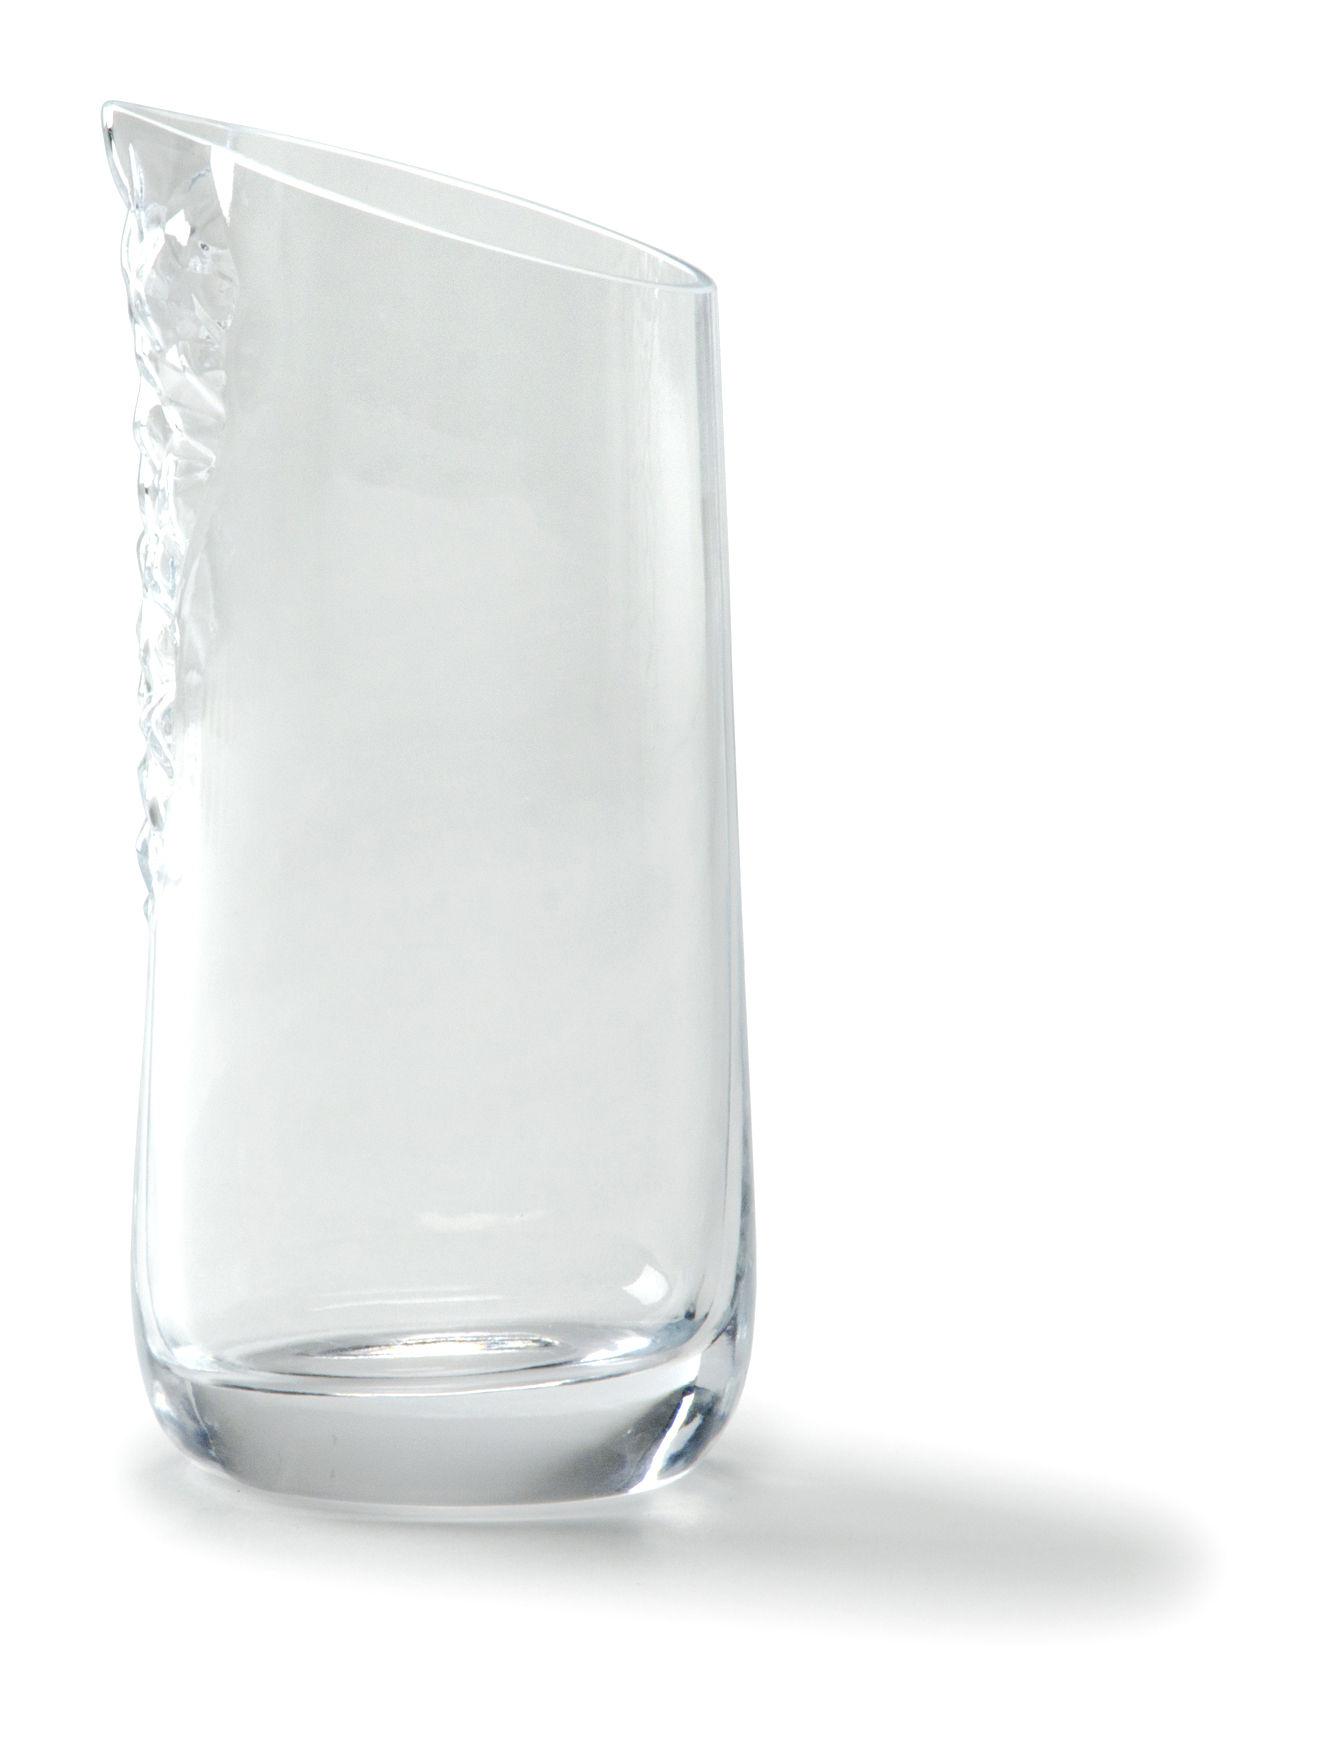 Arts de la table - Carafes et décanteurs - Carafe Minera 1 L - Petite Friture - Transparent - Verre